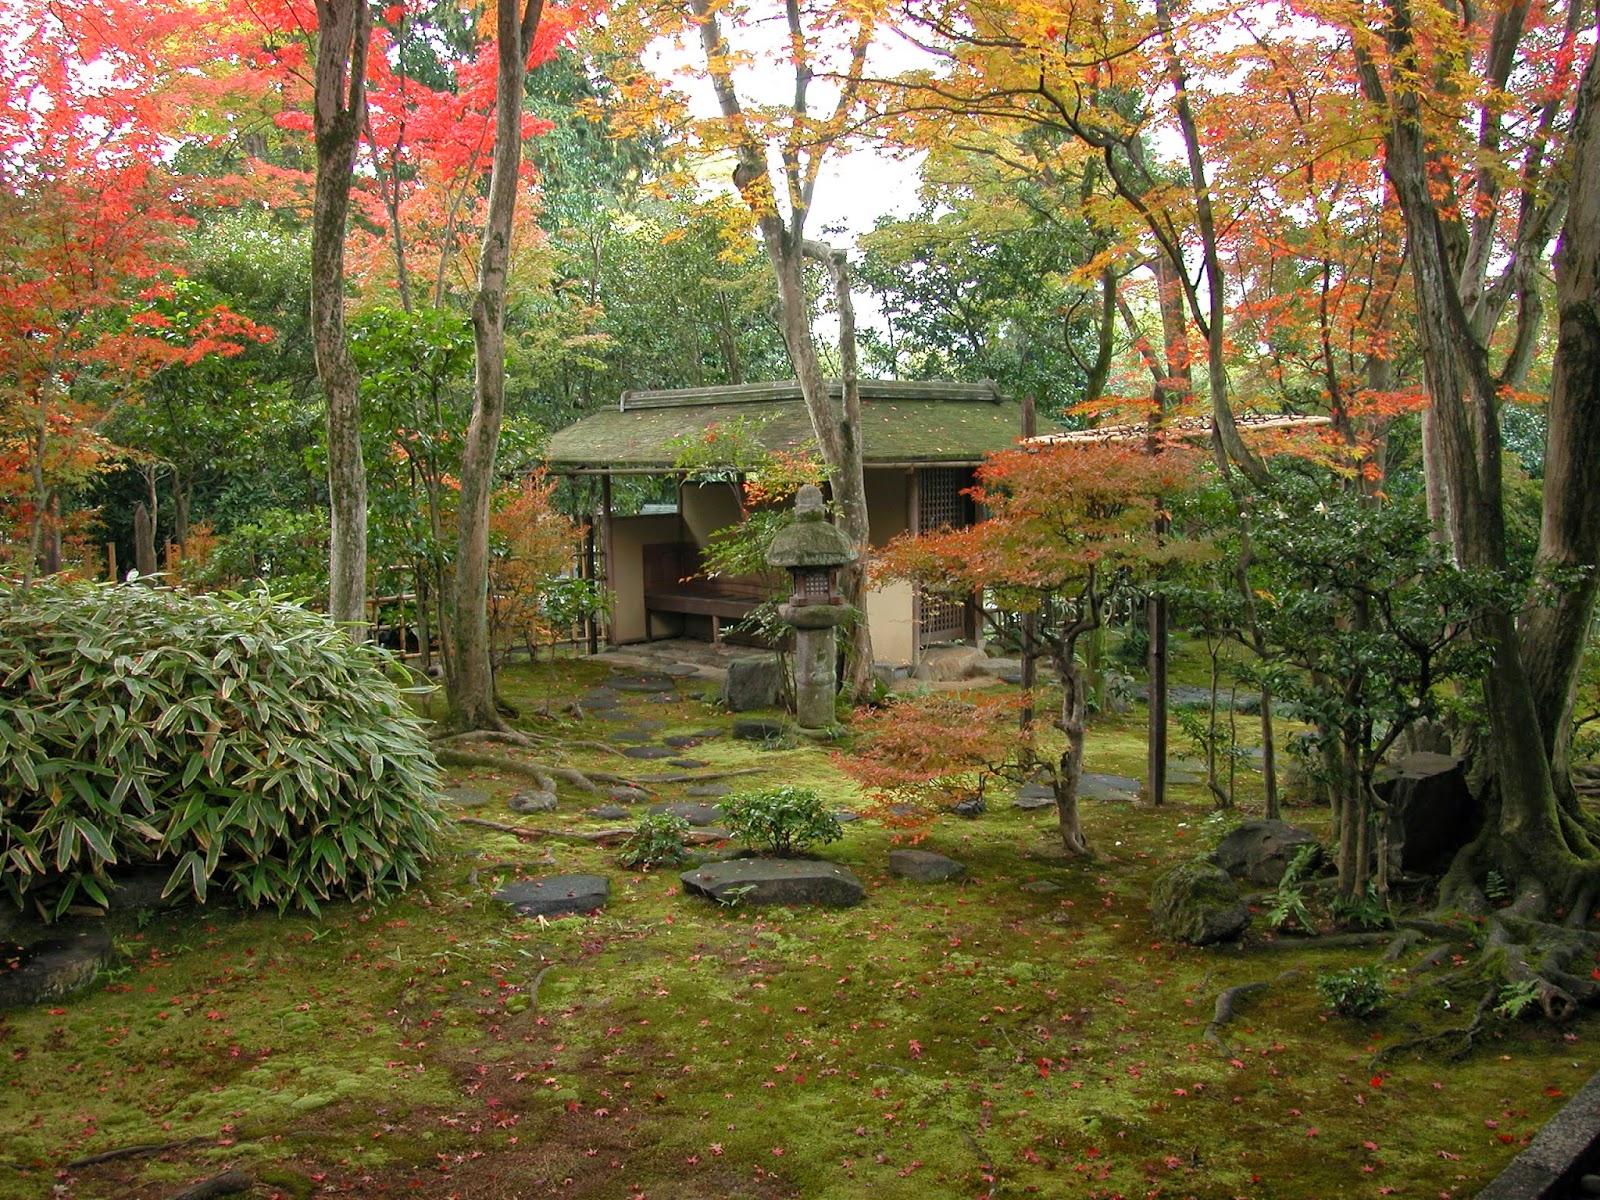 Robert ketchell 39 s blog roji a path between worlds for Outer garden